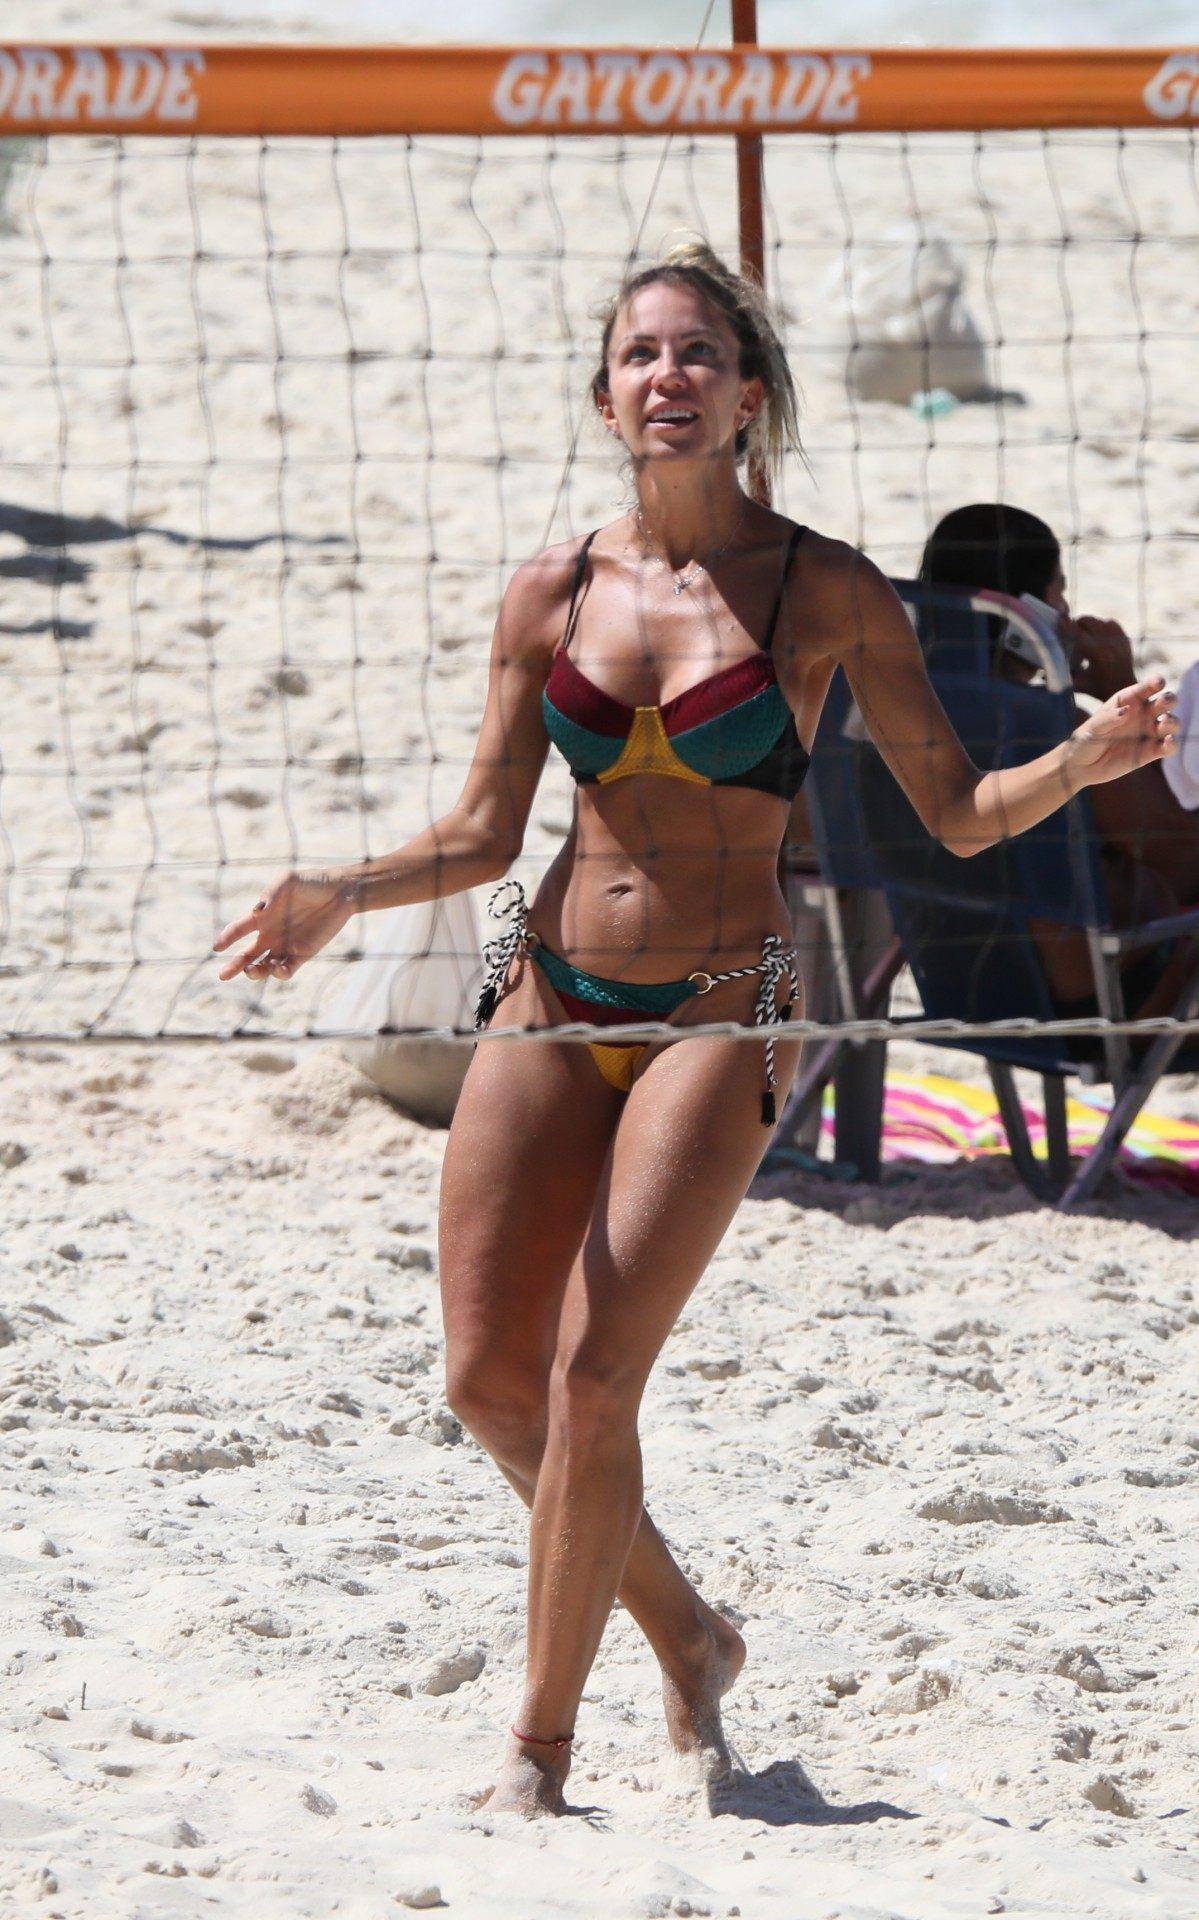 Bárbara Coelho joga bola com amigos na Praia da Barra da Tijuca, na Zona Oeste do Rio